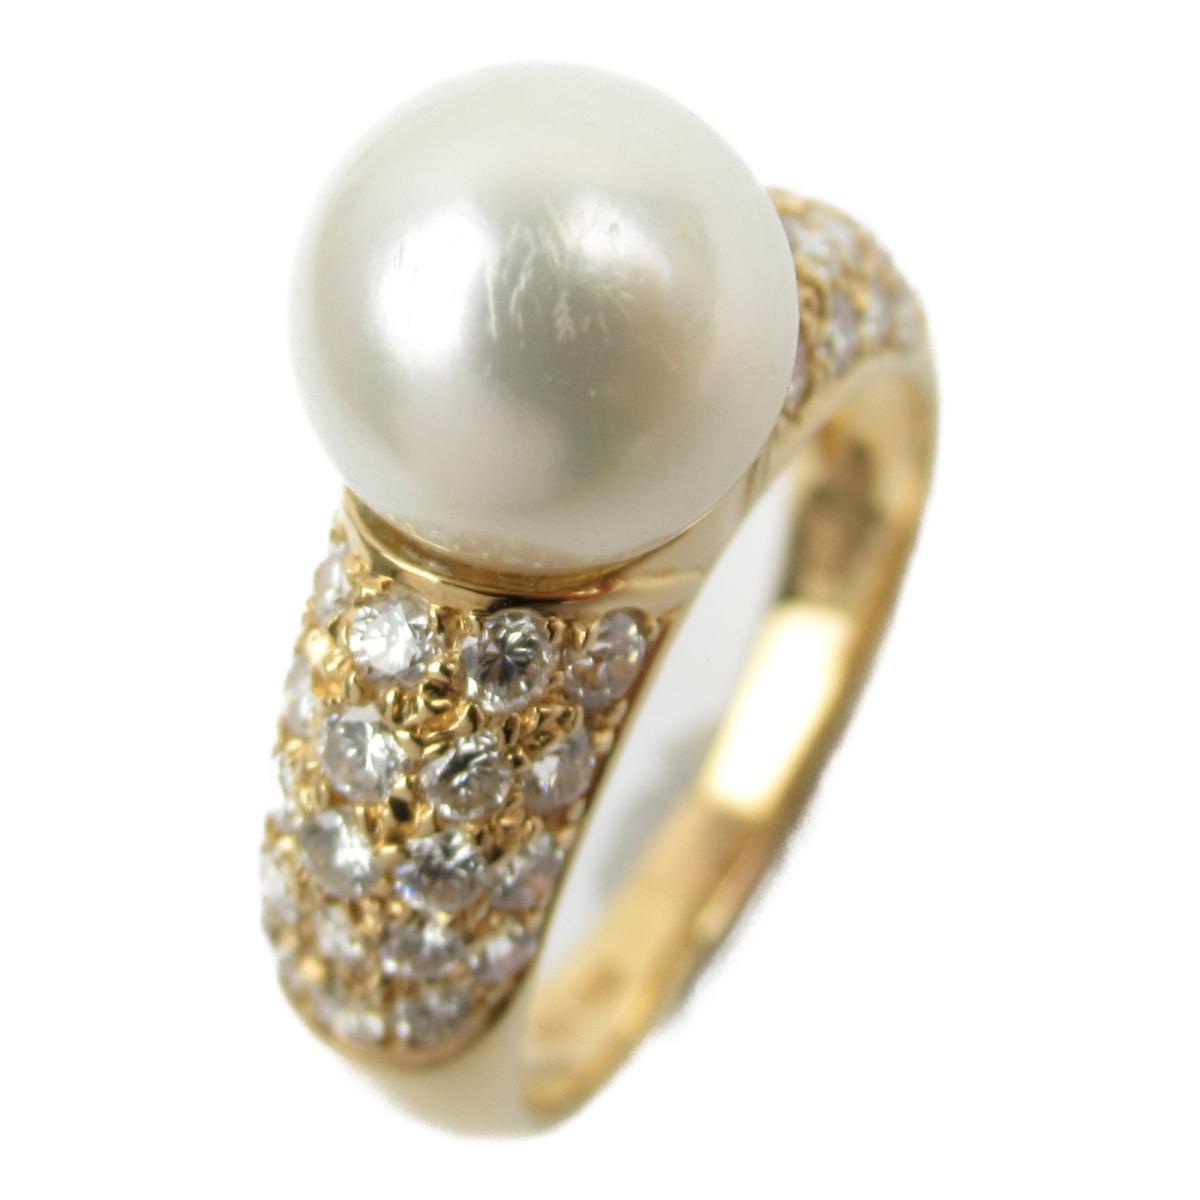 ジュエリー パール ダイヤモンド リング 指輪 ノーブランドジュエリー レディース K18YG (750) イエローゴールド x パール8.4mm ダイヤモンド0.86ct 【中古】 | JEWELRY BRANDOFF ブランドオフ アクセサリー